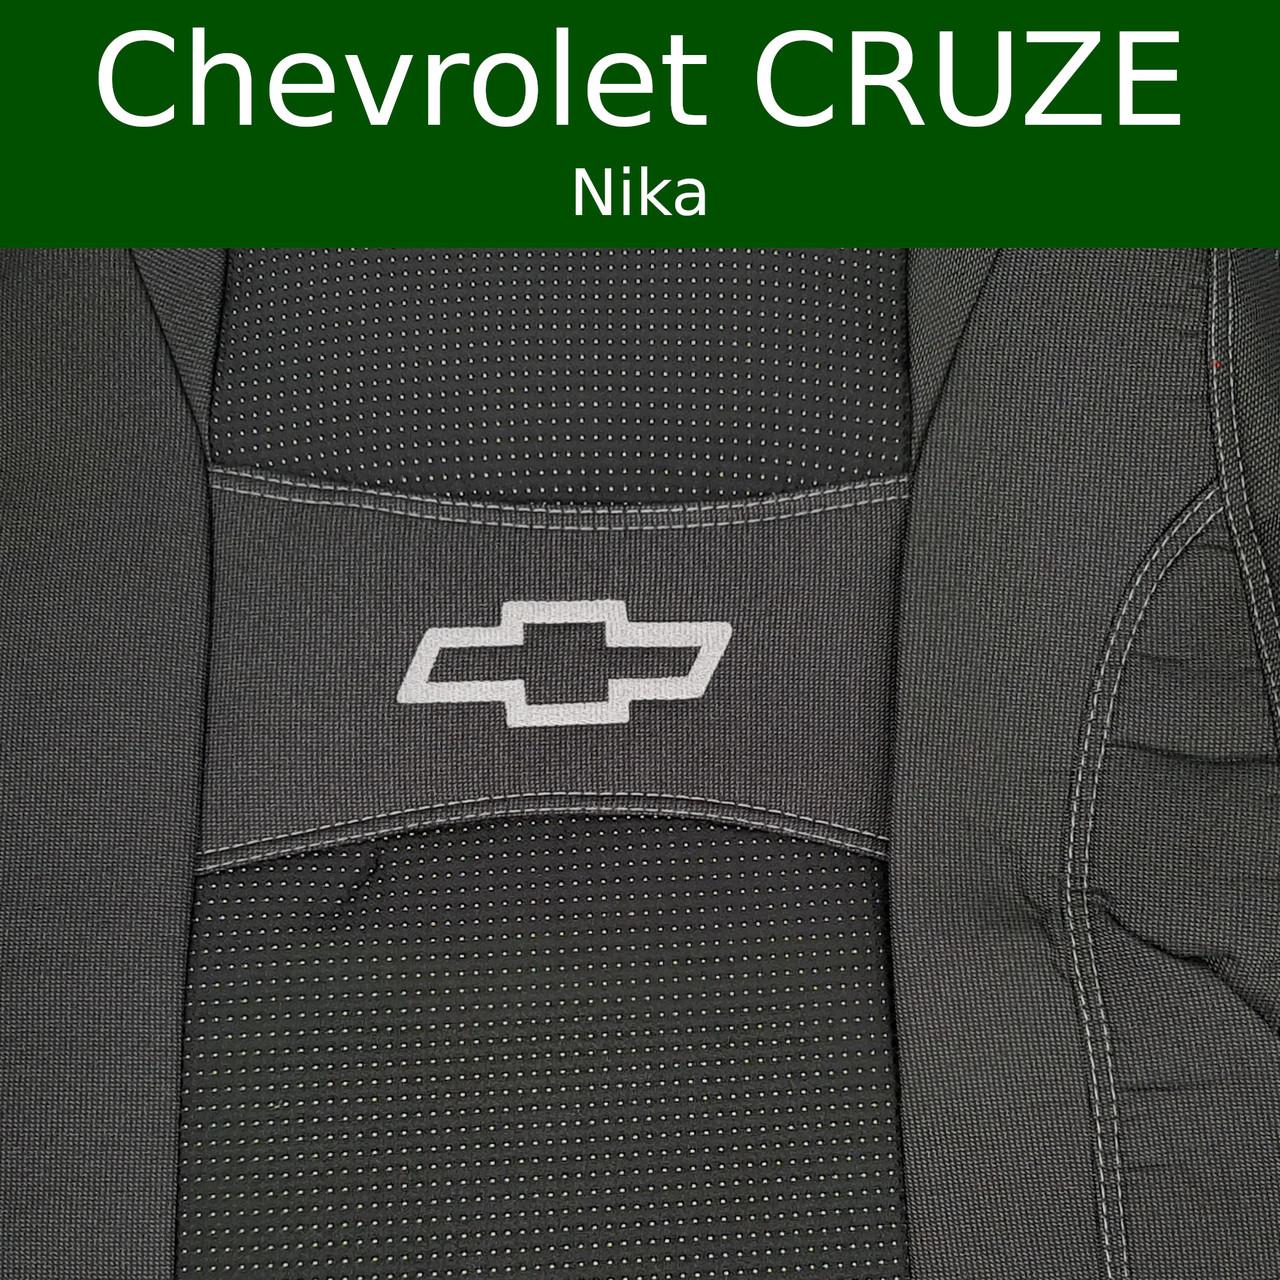 Чехлы на сиденья Chevrolet Cruze (Nika)